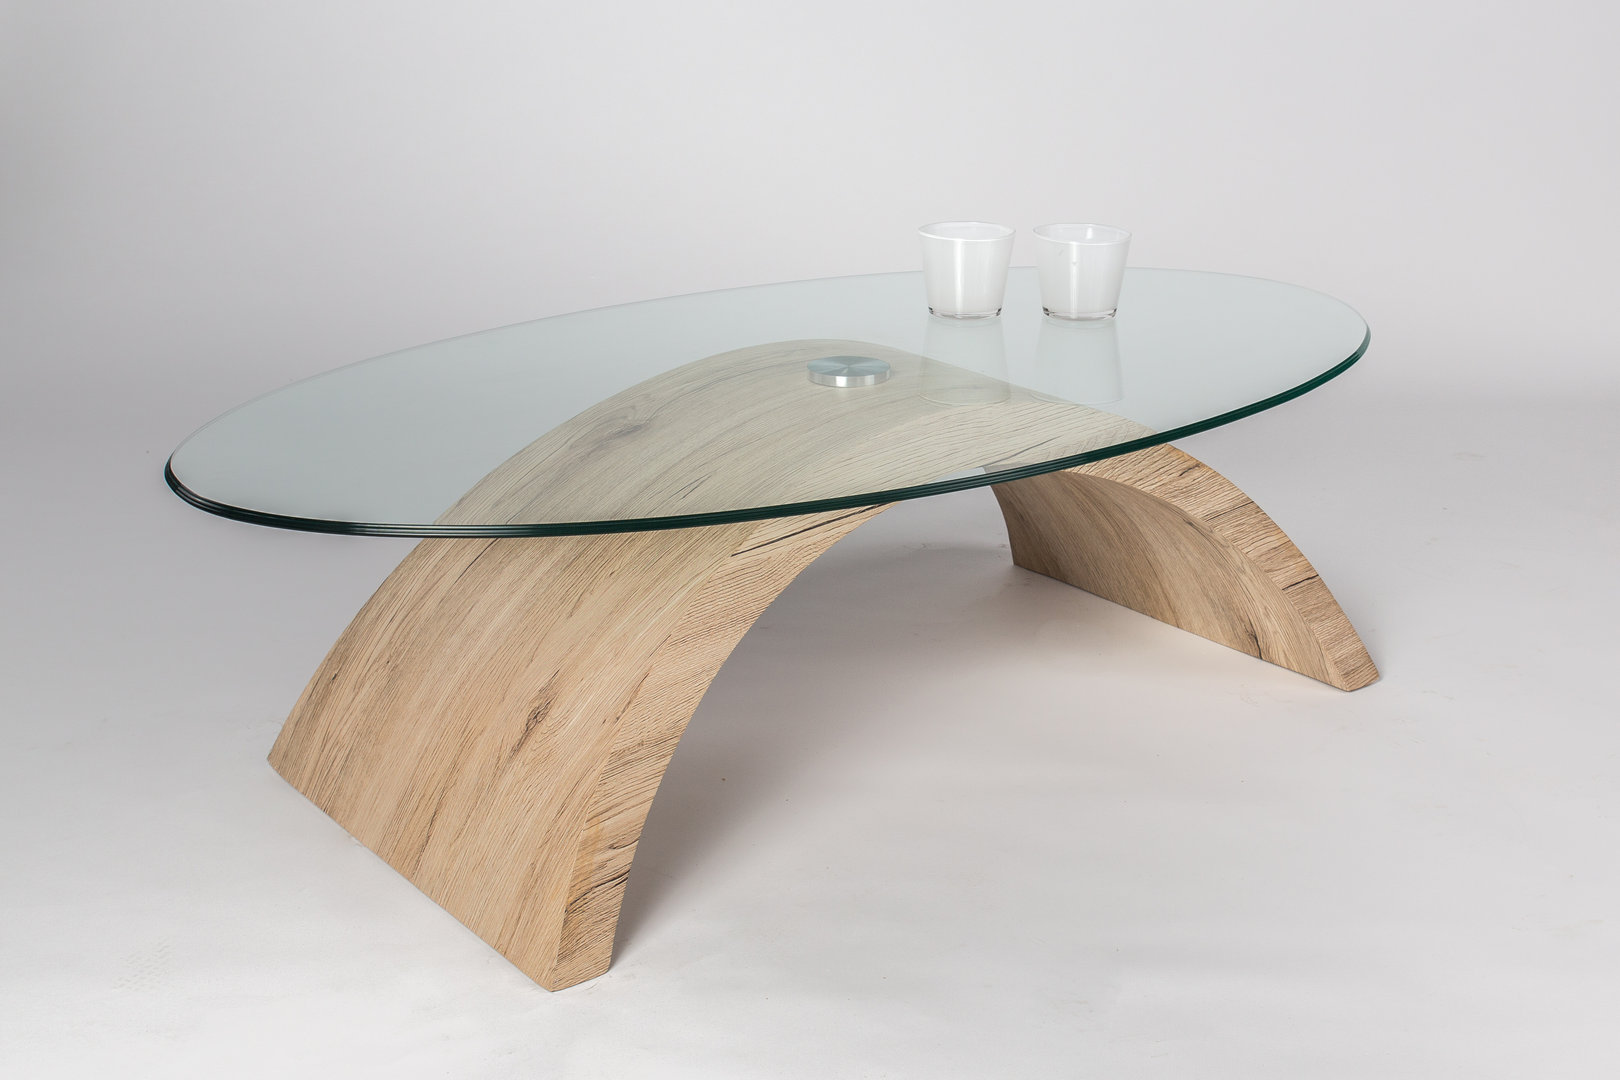 Ripiano In Vetro Per Tavolo.Tavolino Otto Con Ripiano In Vetro Tavolo Da Caffe Design Moderno